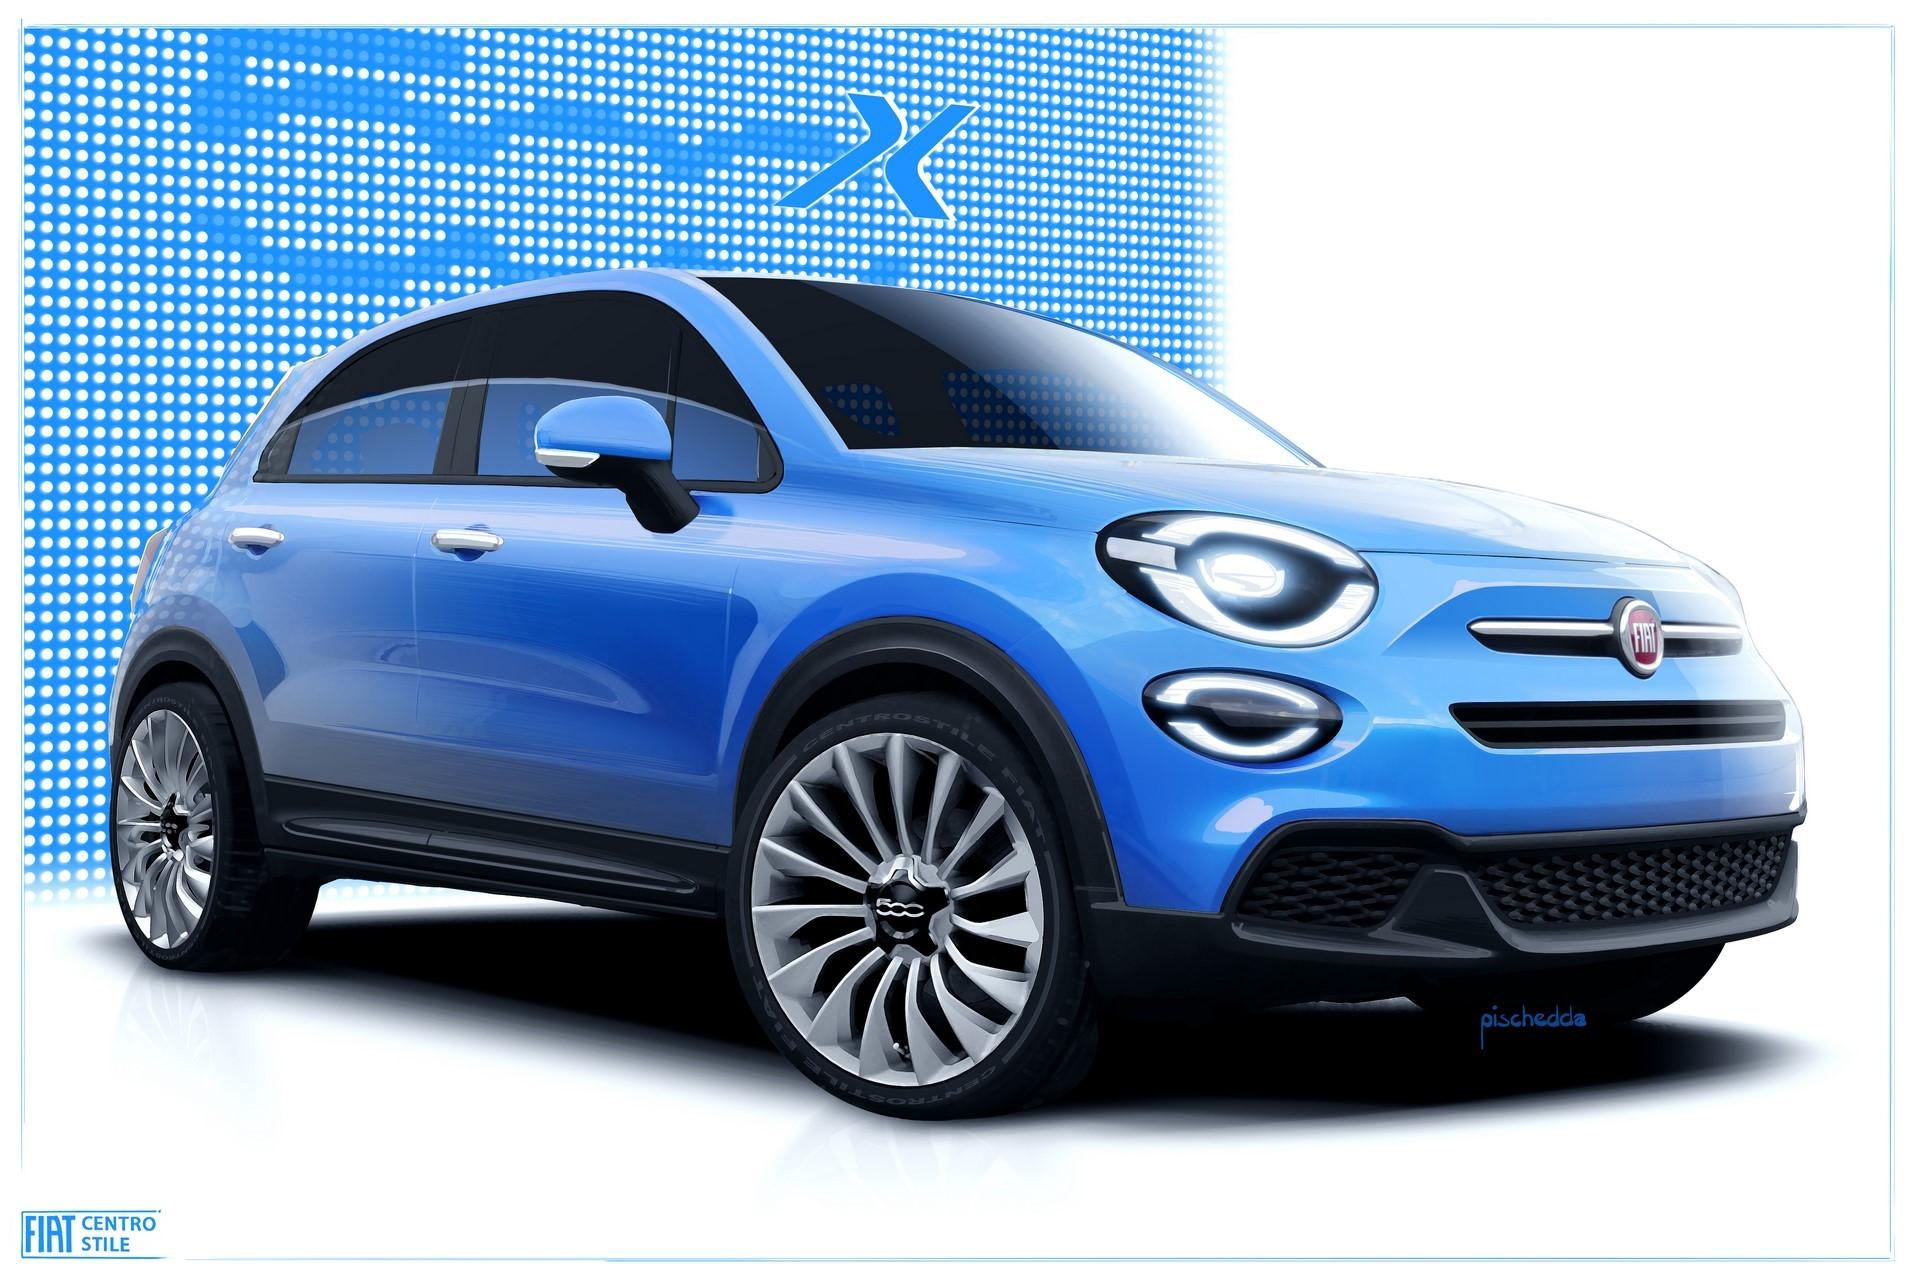 180828_Fiat_New-500X-sketch_09